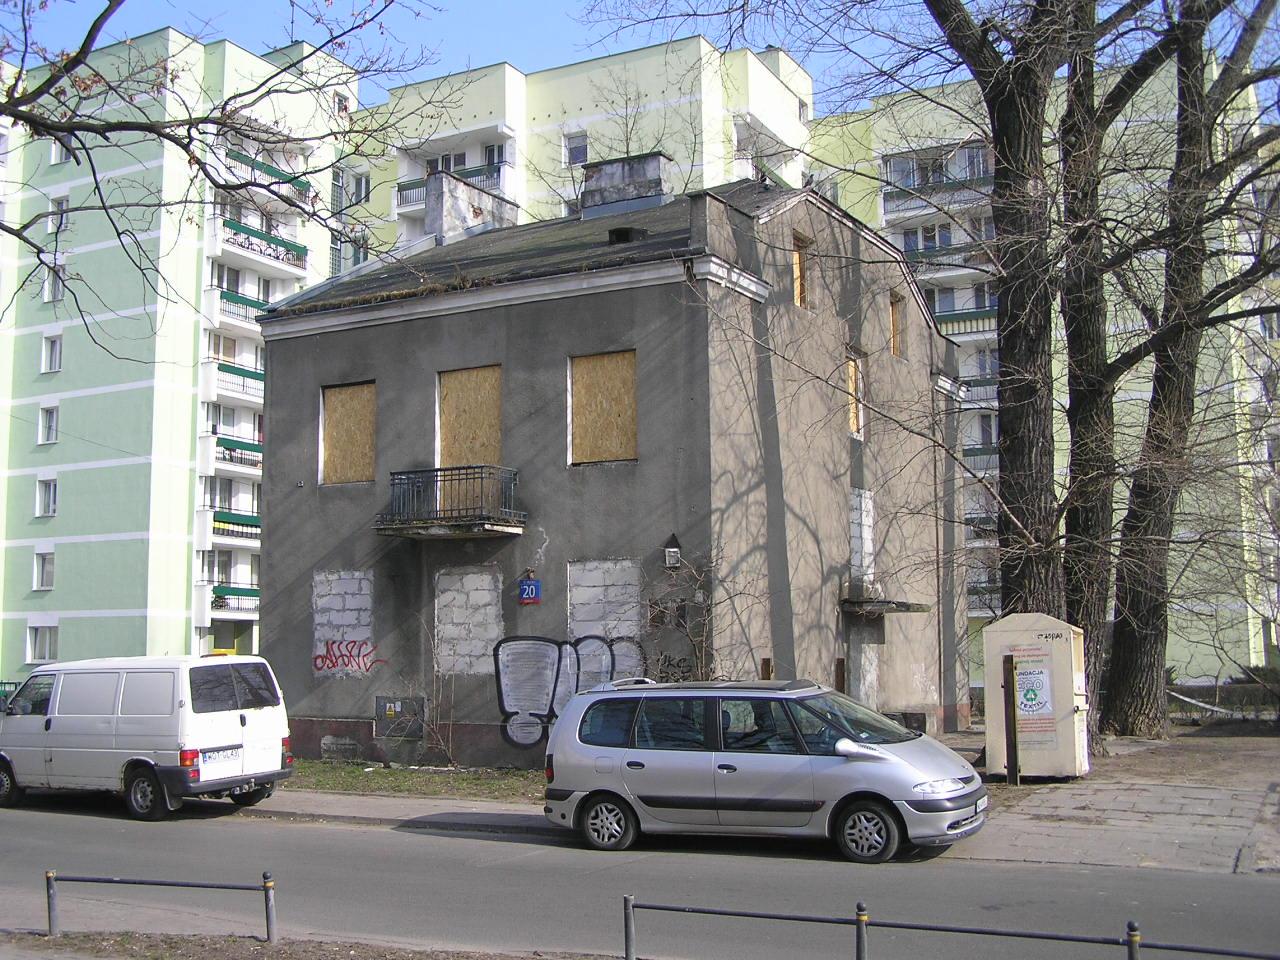 Kamienica przy ulicy Mlądzkiej 20 na Grochowie